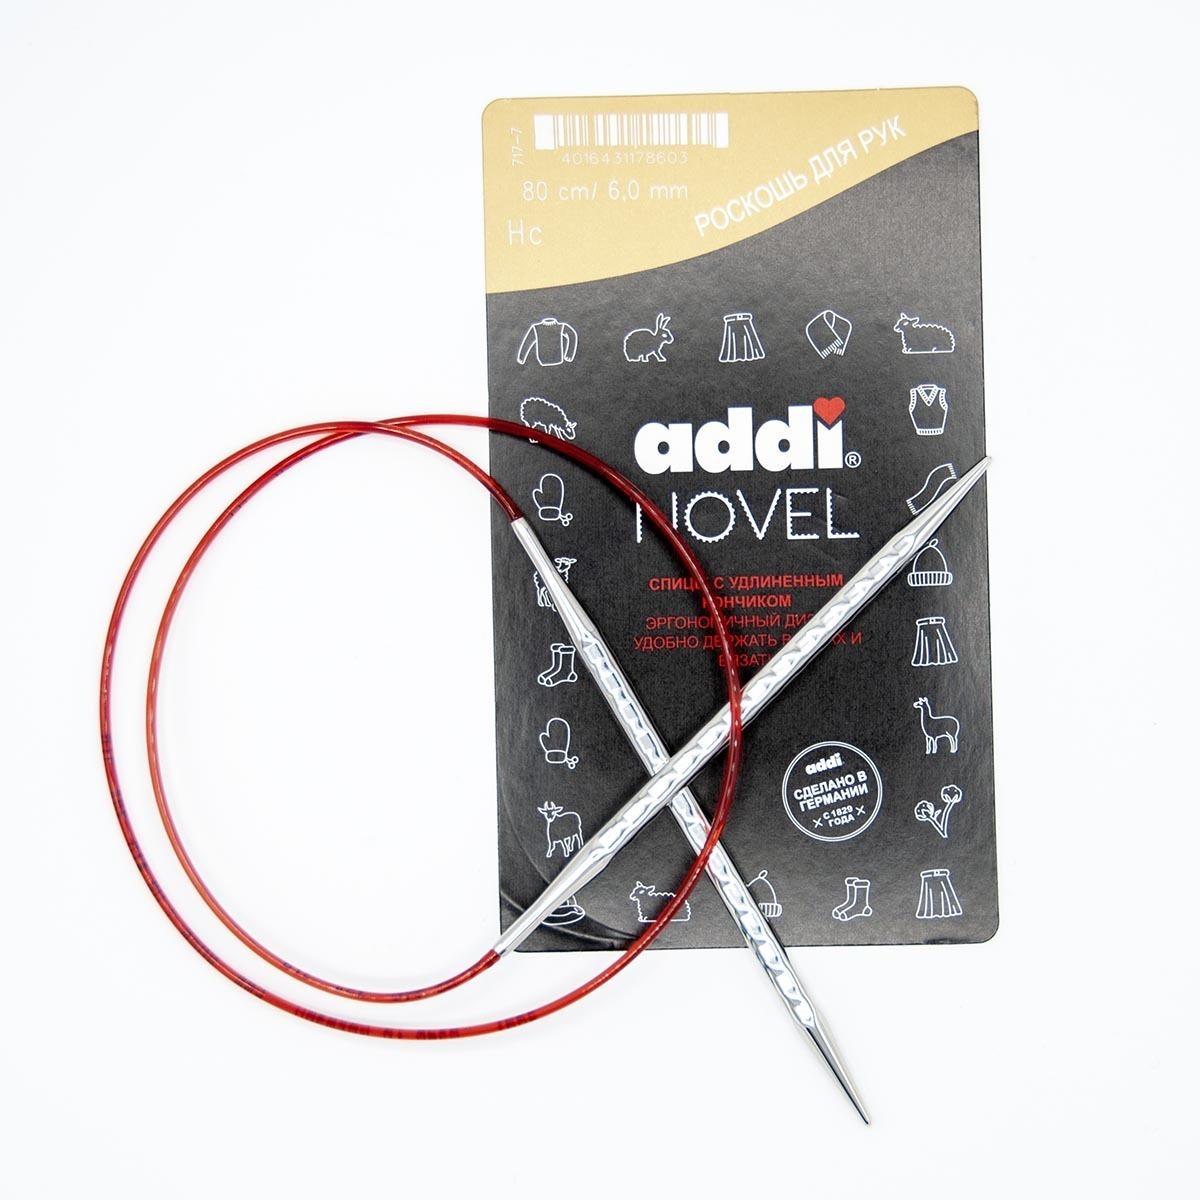 Эволюция в вязании: спицы AddiNovel